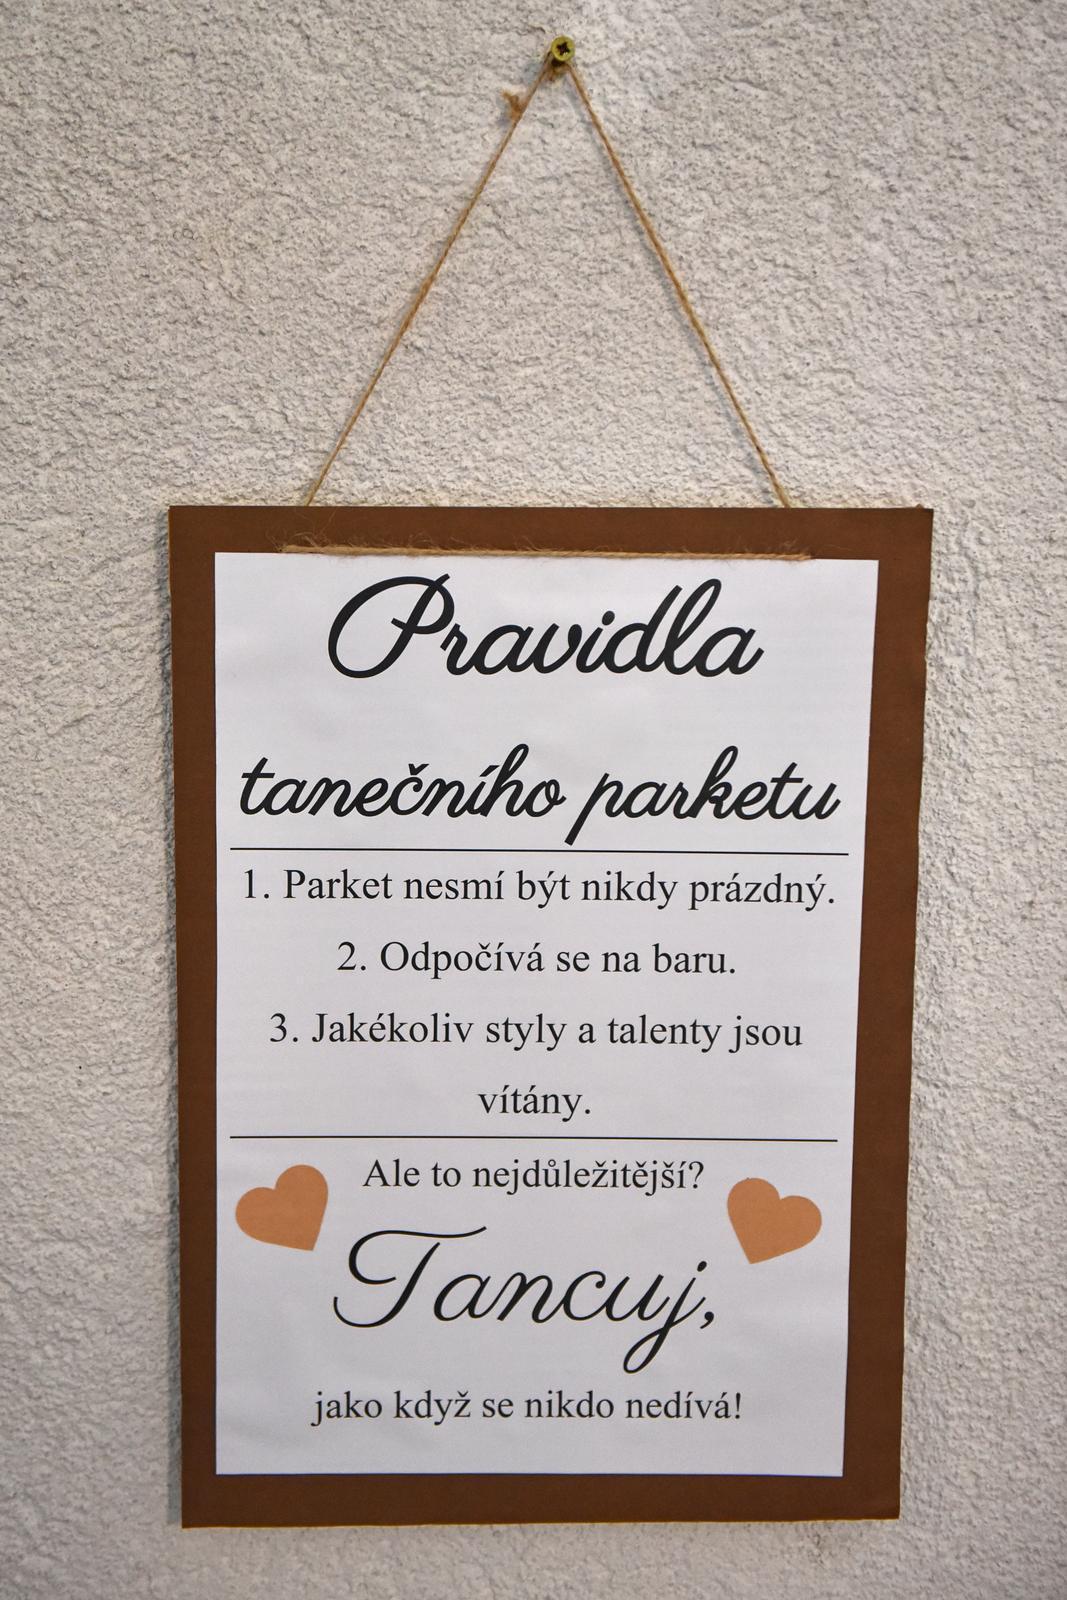 Pravidla tanečního parketu - Obrázek č. 1